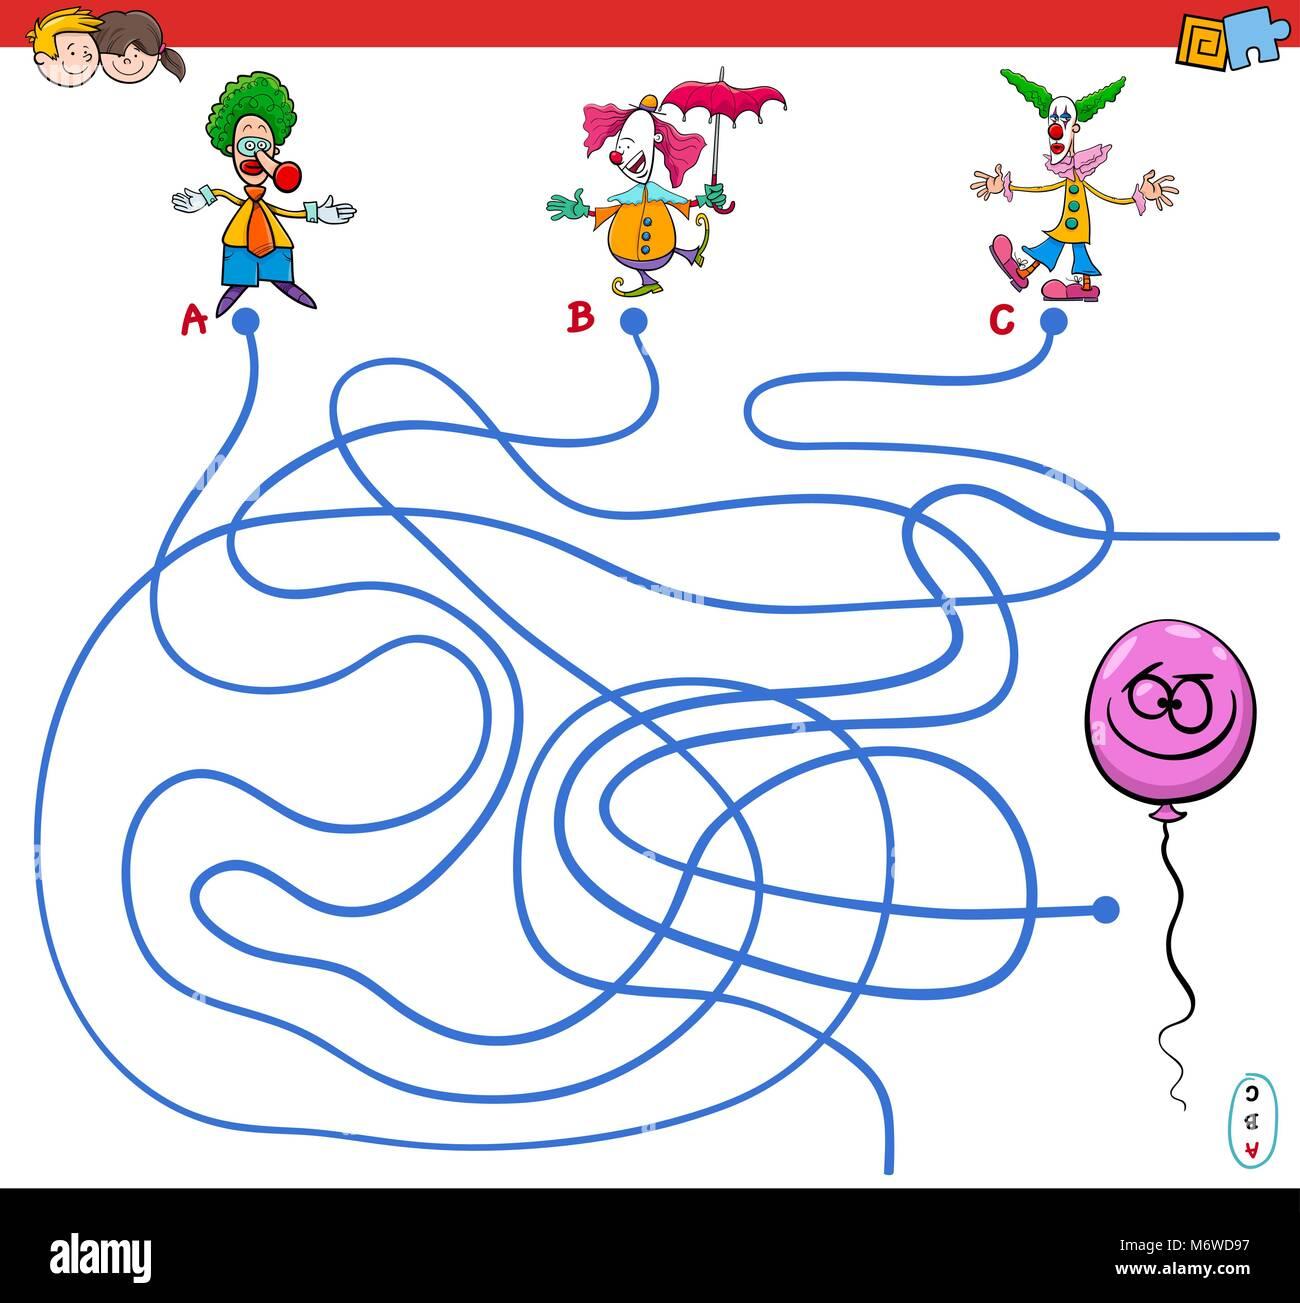 Ilustración de dibujos animados de rutas o laberinto Puzzle juego de ...